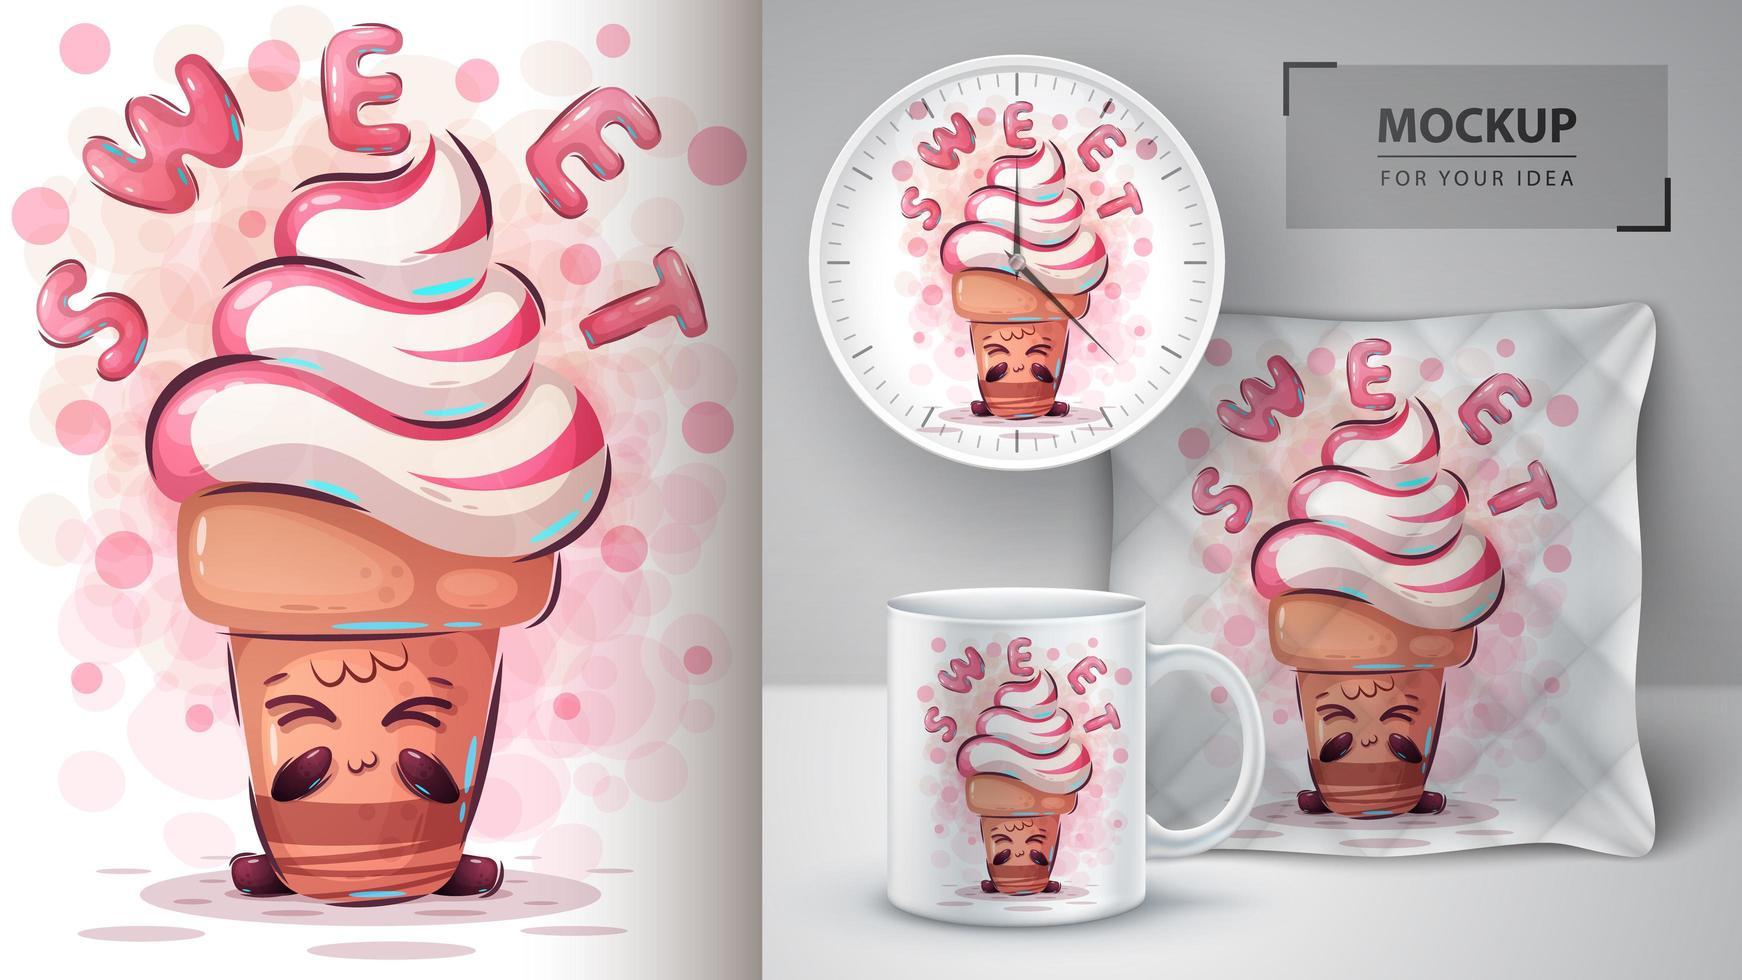 poster di cono gelato rosa dolce vettore